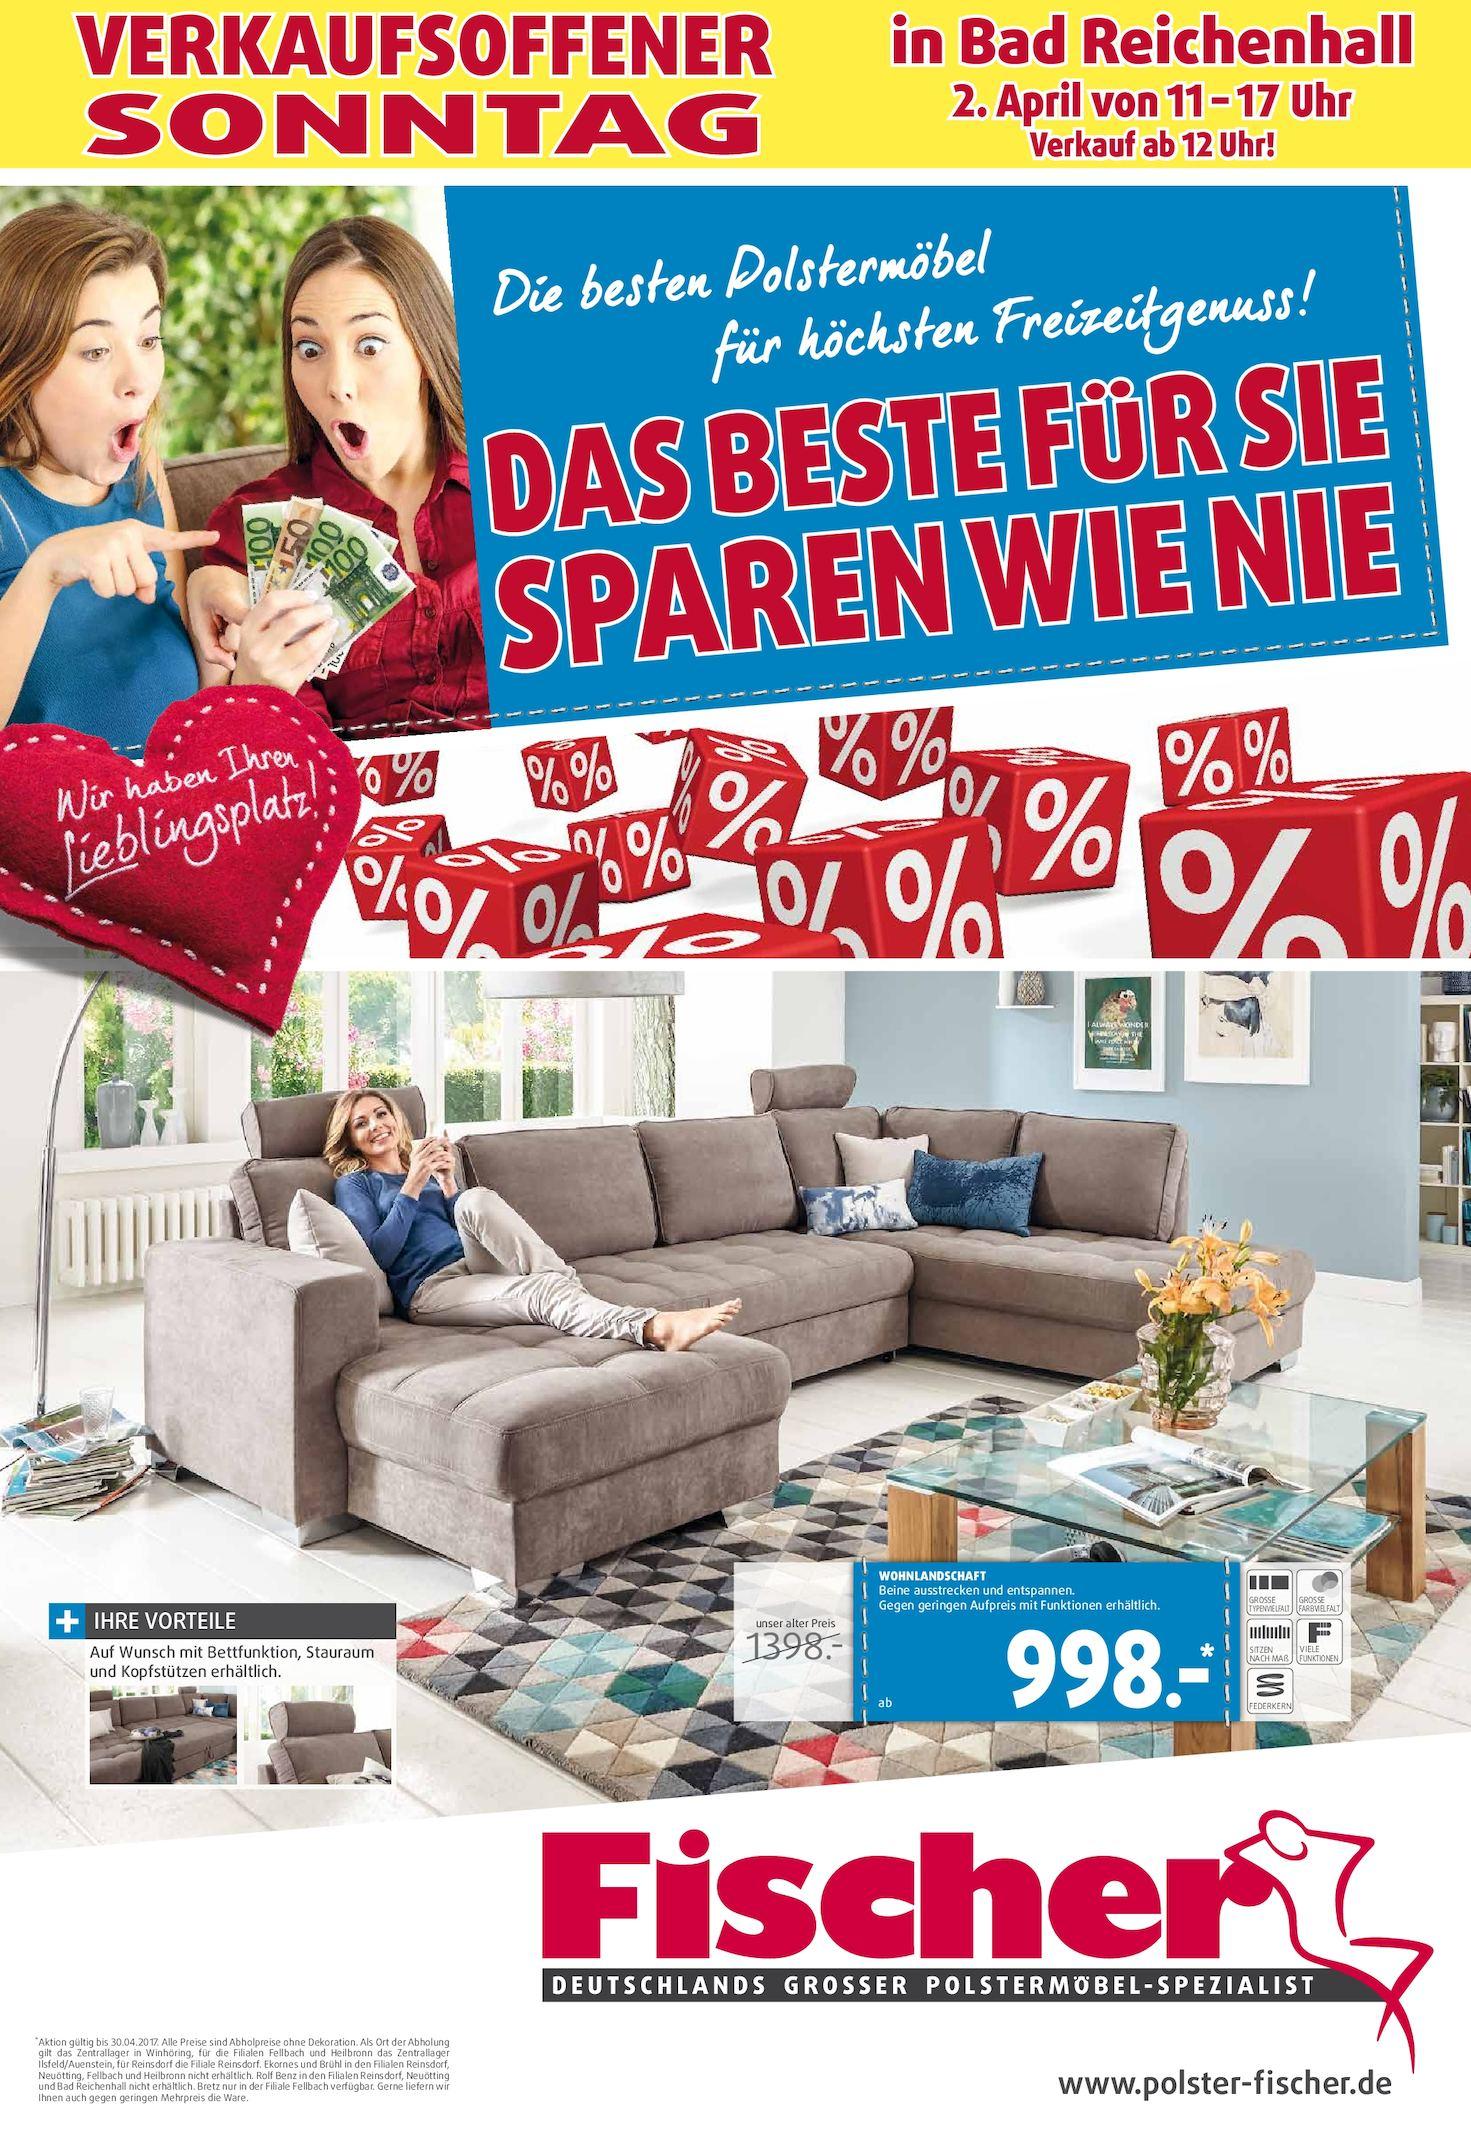 Calaméo - Möbel_Fischer_Verkaufsoffener_Sonntag